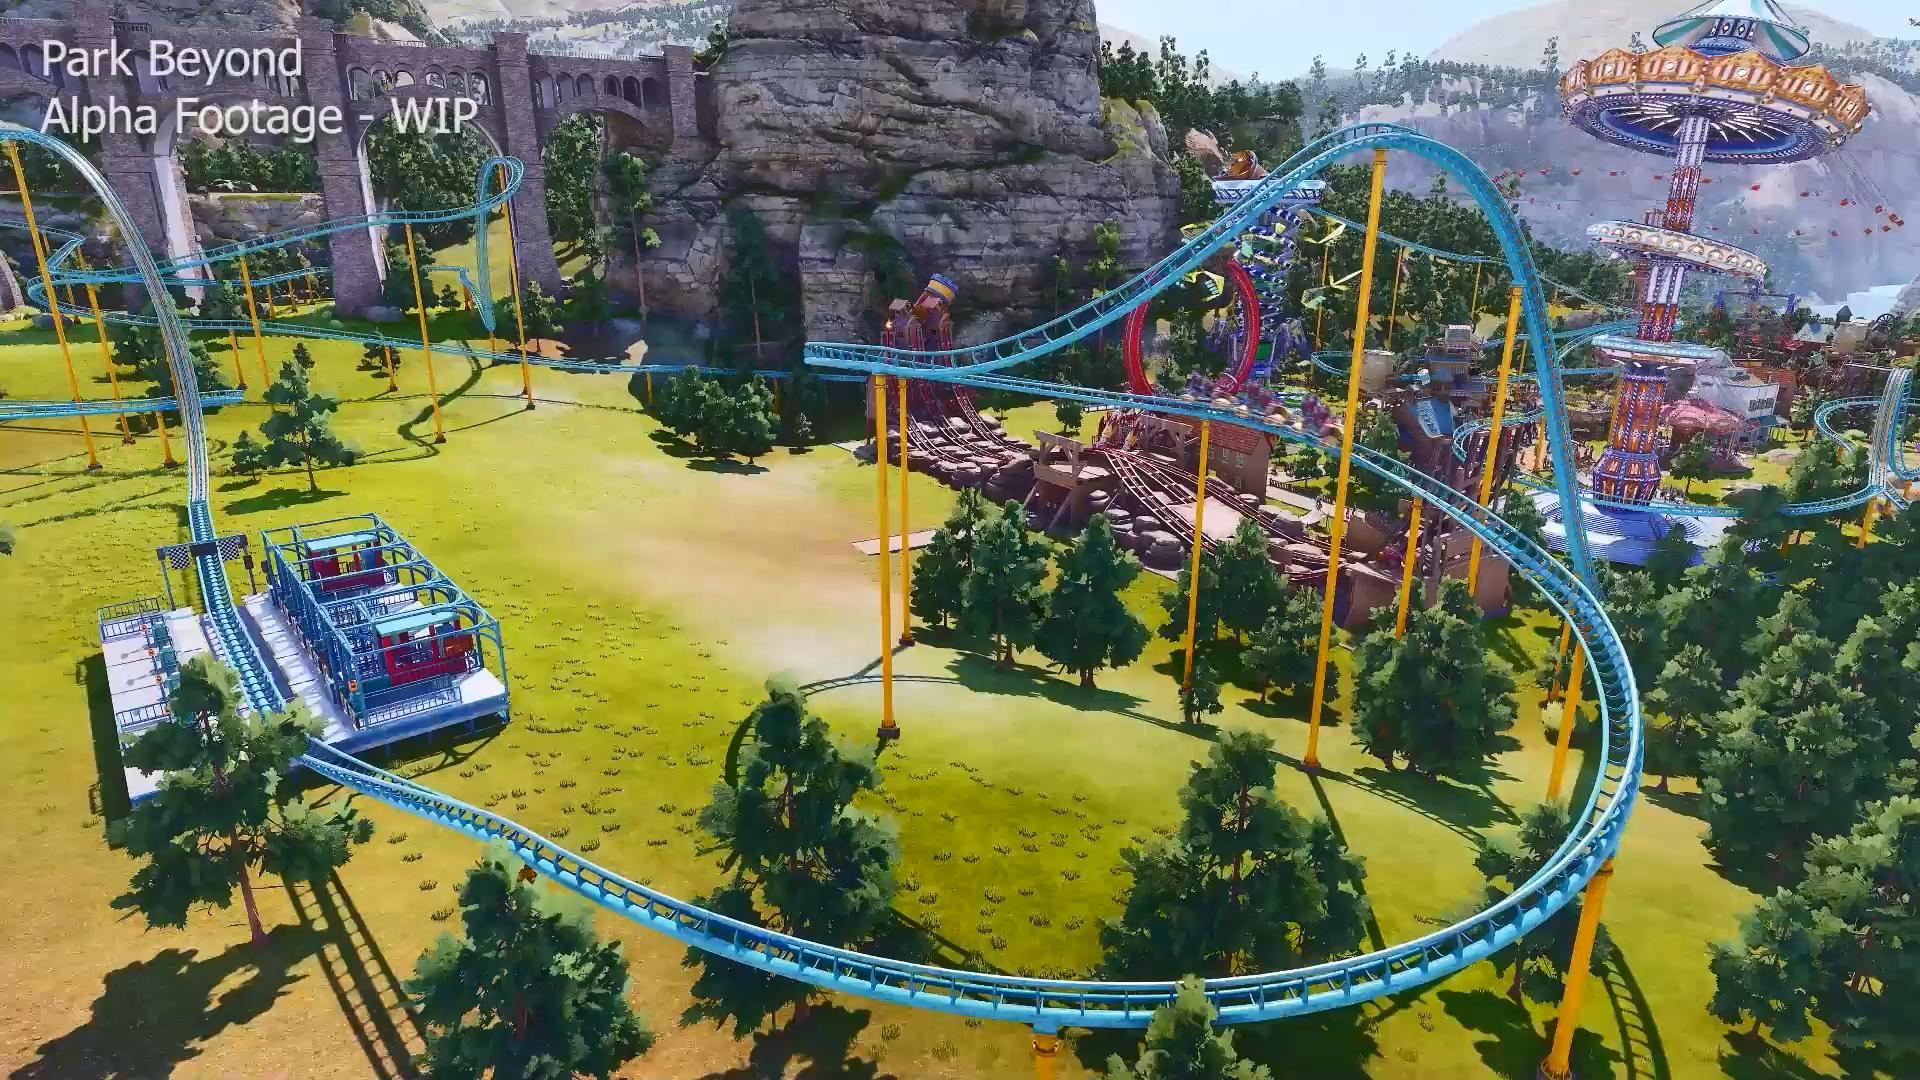 万代南梦宫新作《Park Beyond》实机试玩视频 模拟过山车建造